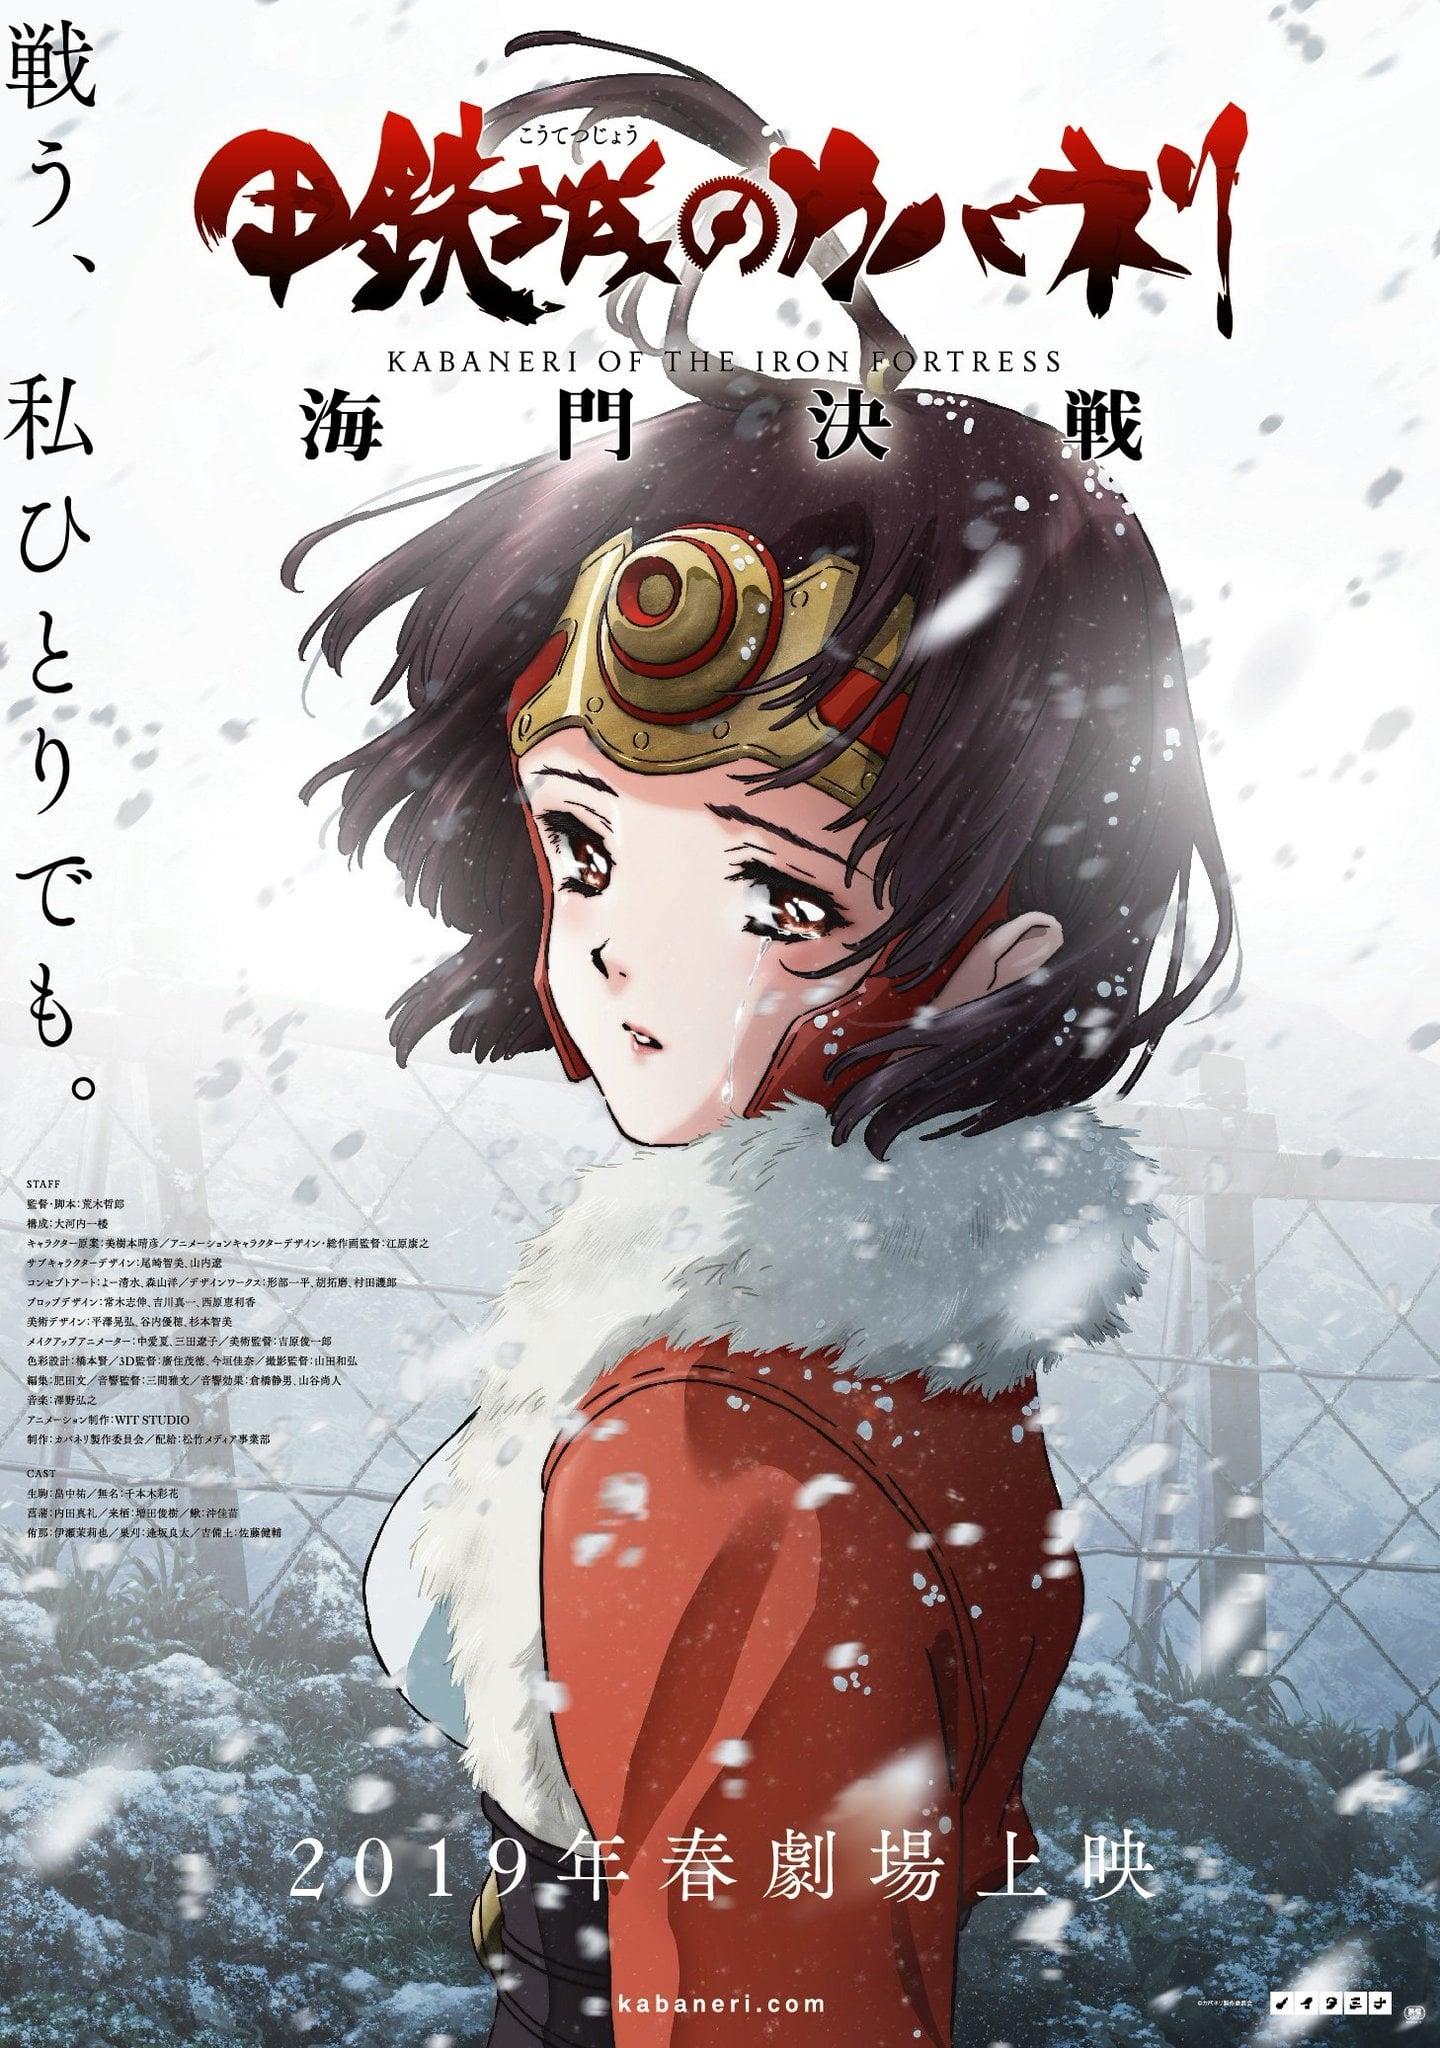 Koutetsujou No Kabaneri Sub Indo Batch : koutetsujou, kabaneri, batch, Nonton, Anime, Koutetsujou, Kabaneri, Unato, Kessen, Nanime